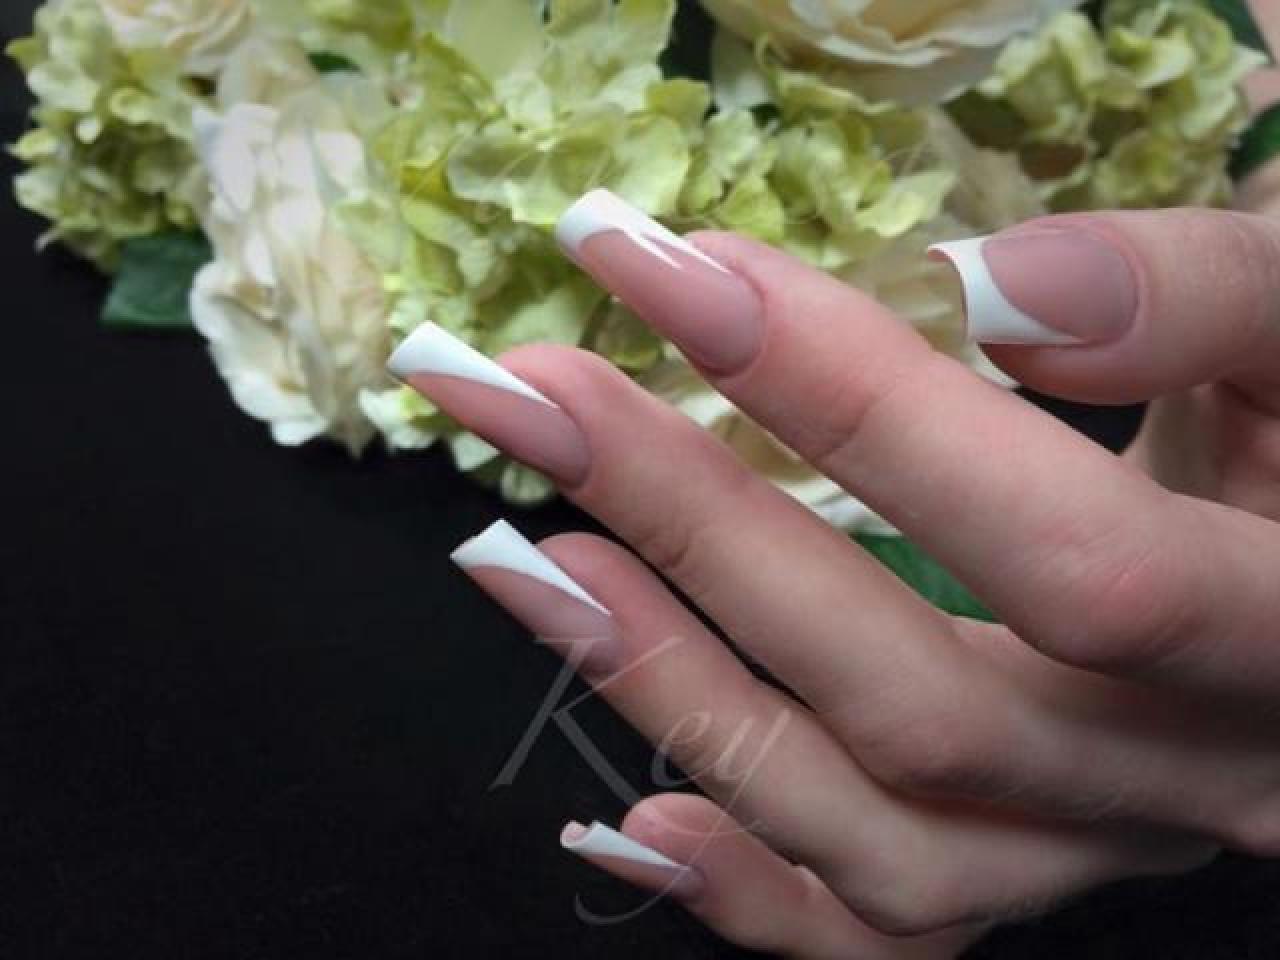 Коррекция гелевых ногтей от £25 ❖ Укрепление ногтей гелем - £30 ❖ Наращивание ногтей гелем от £55 - 1